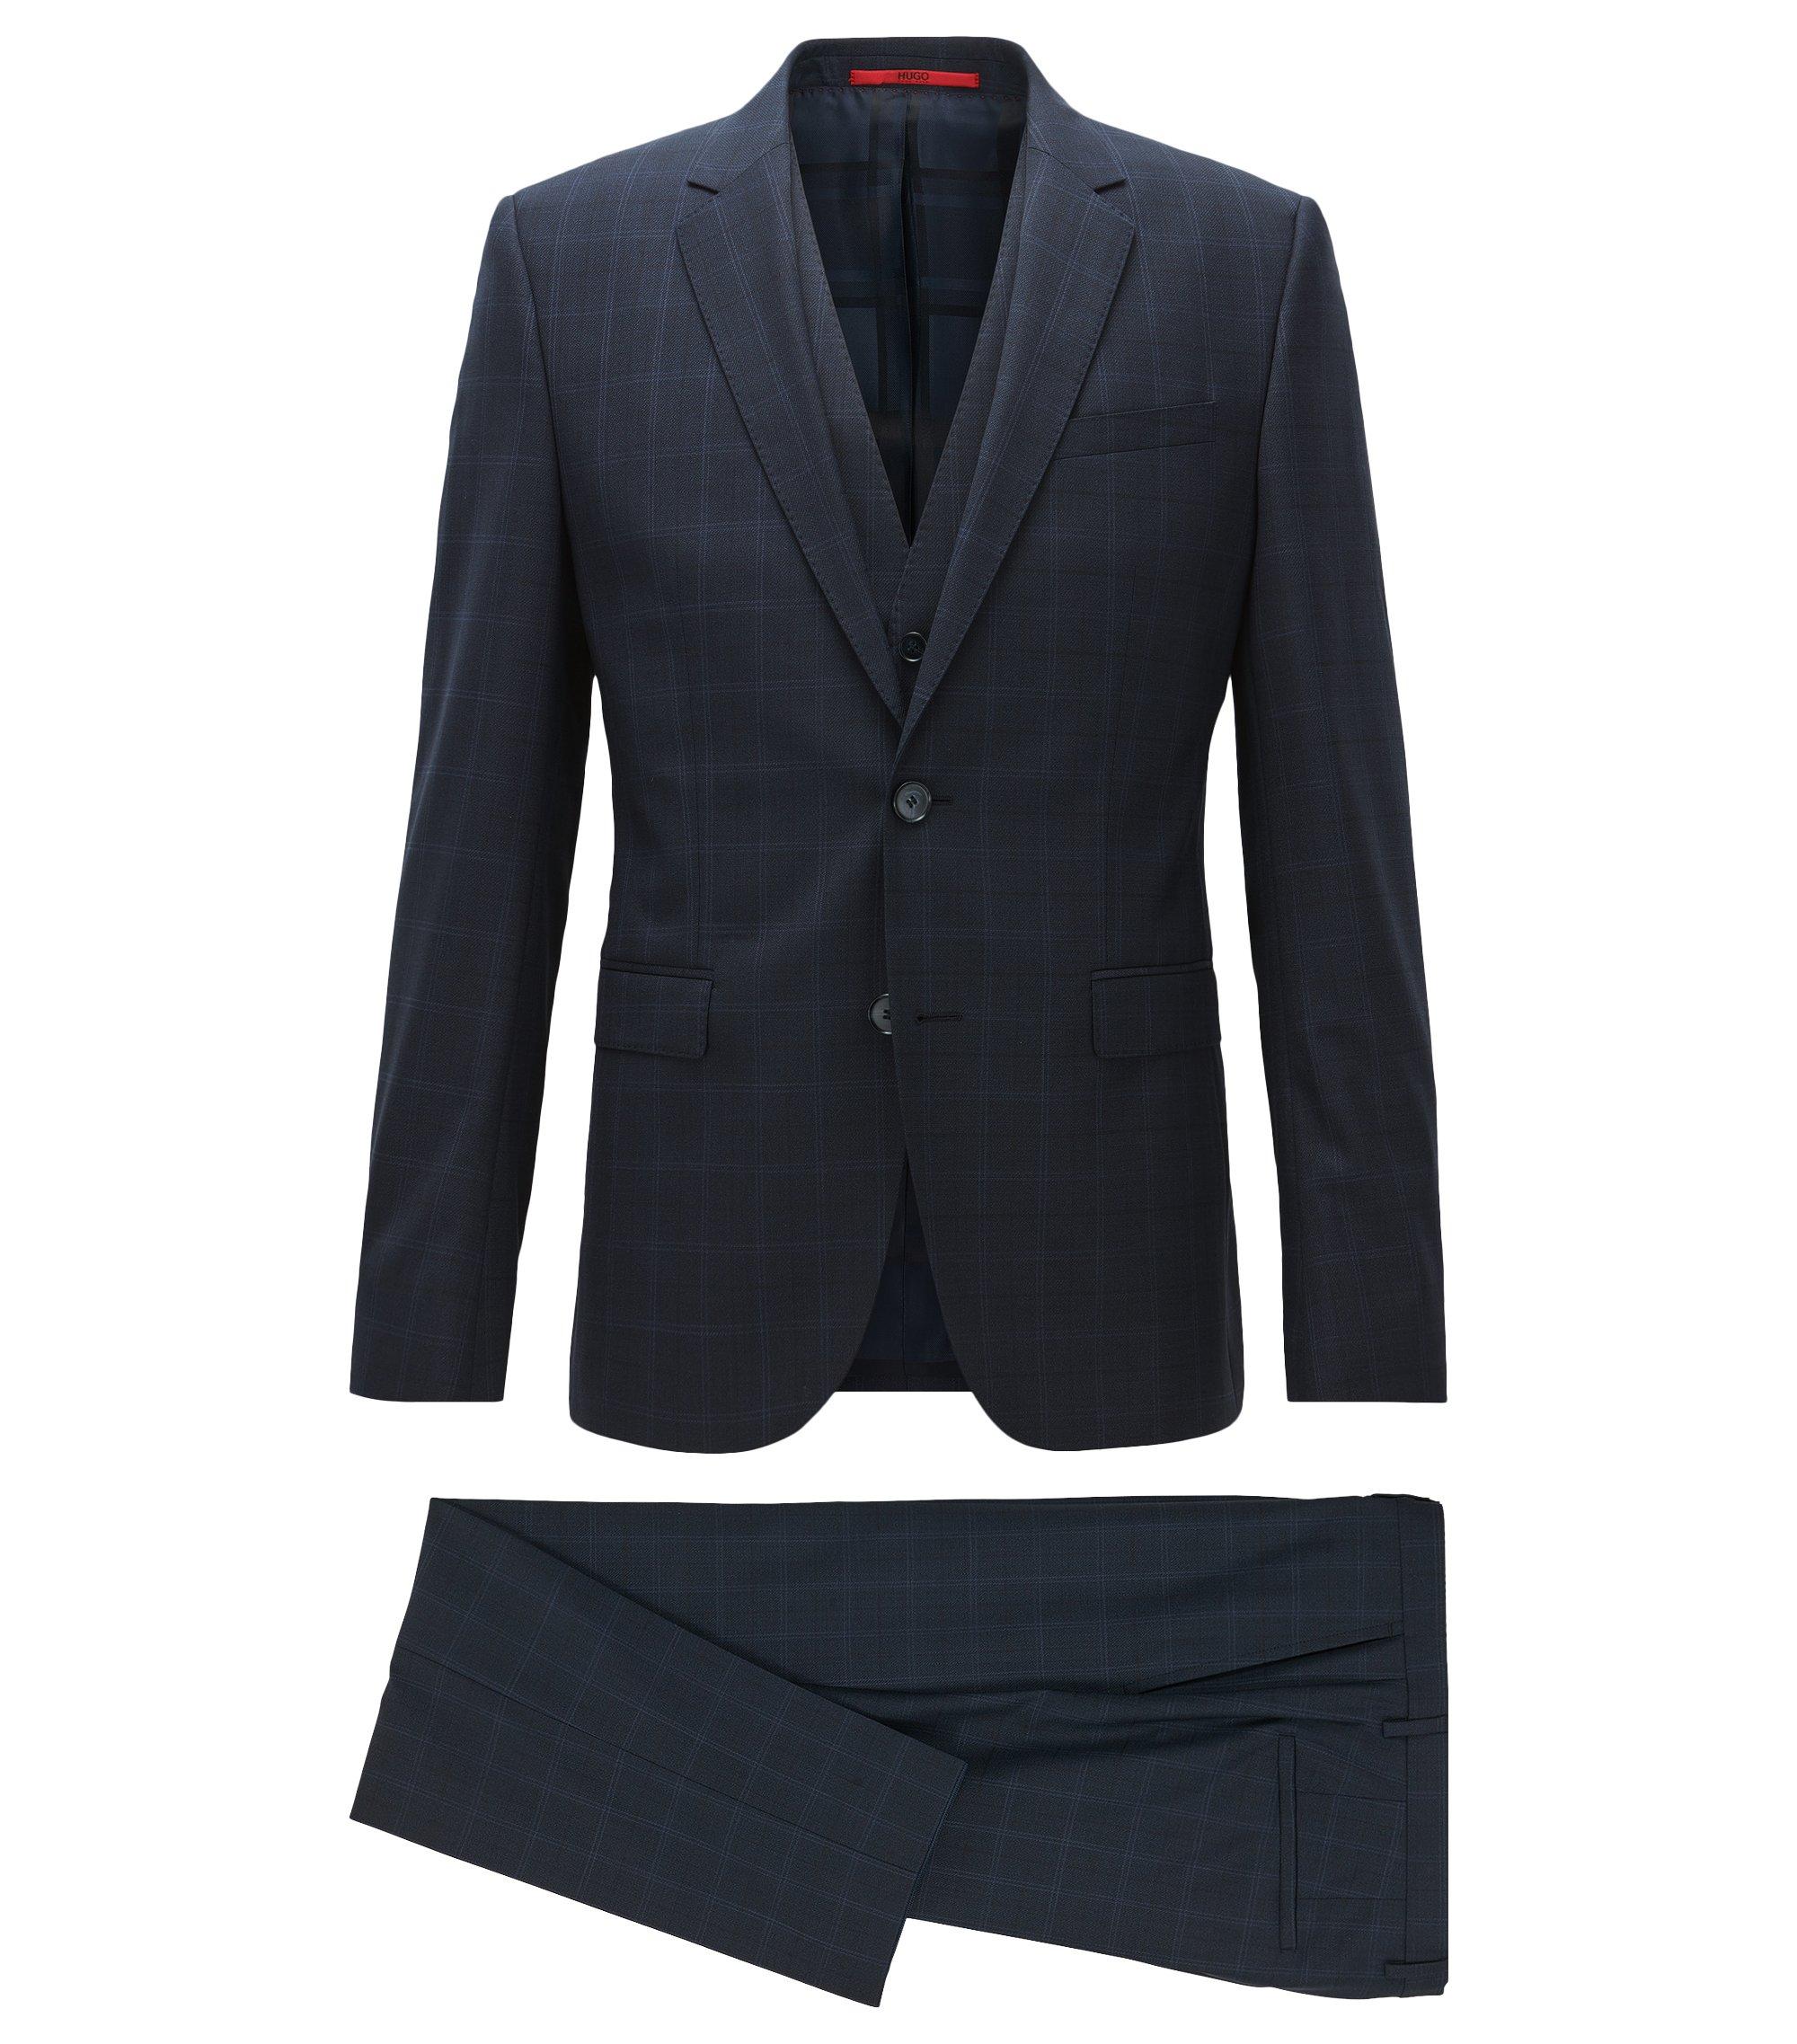 Super 120 Wool 3-Piece Suit, Slim Fit | Adwart/Wilard/Hets, Dark Blue